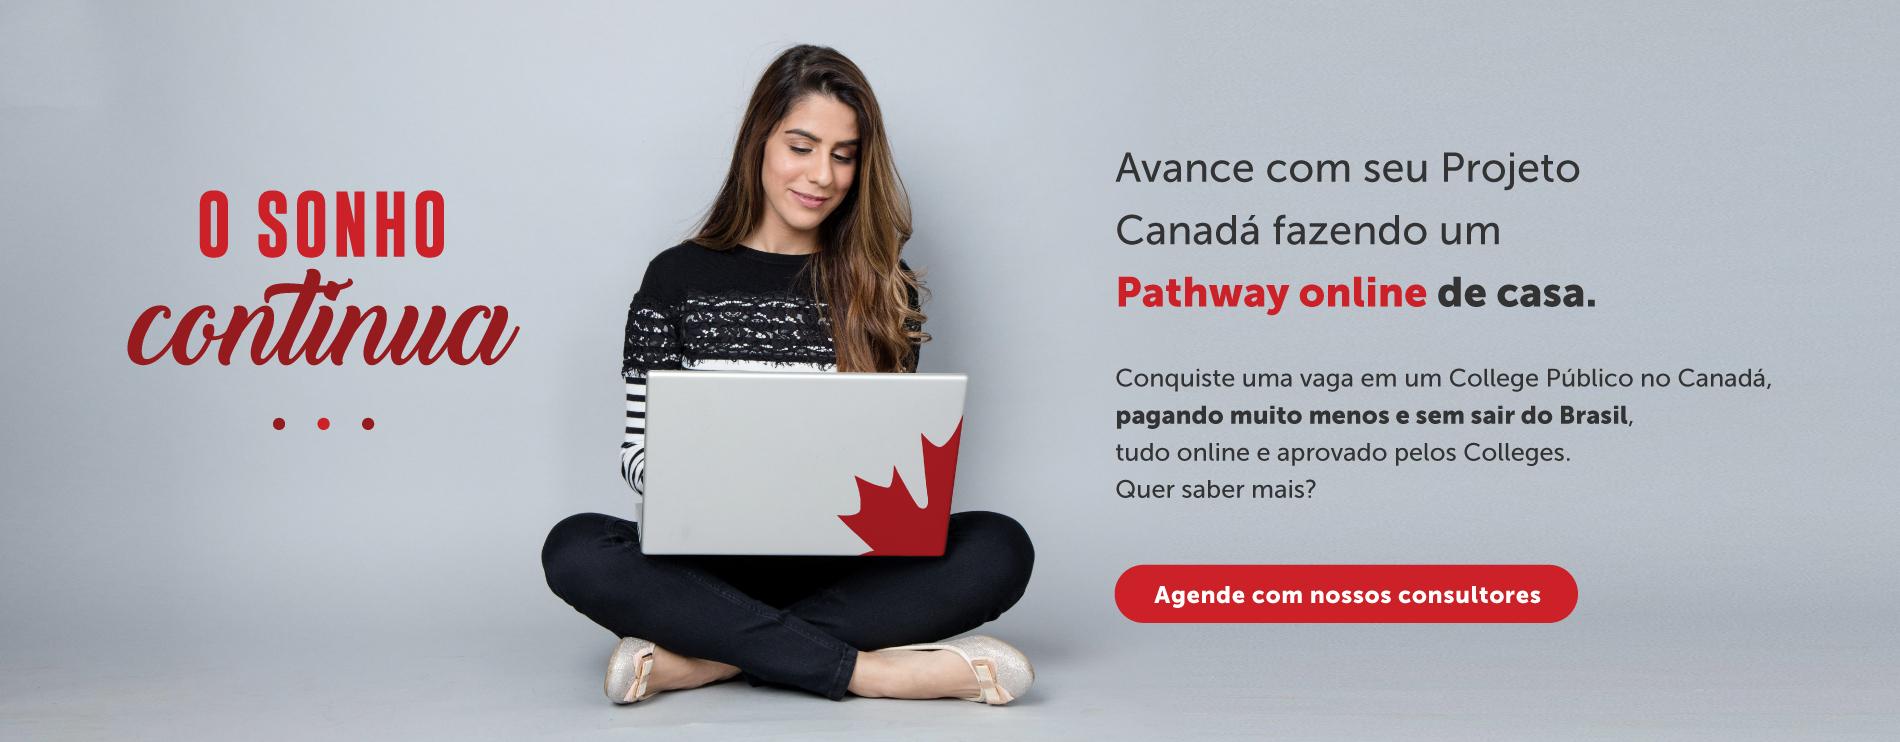 Pathway online 3